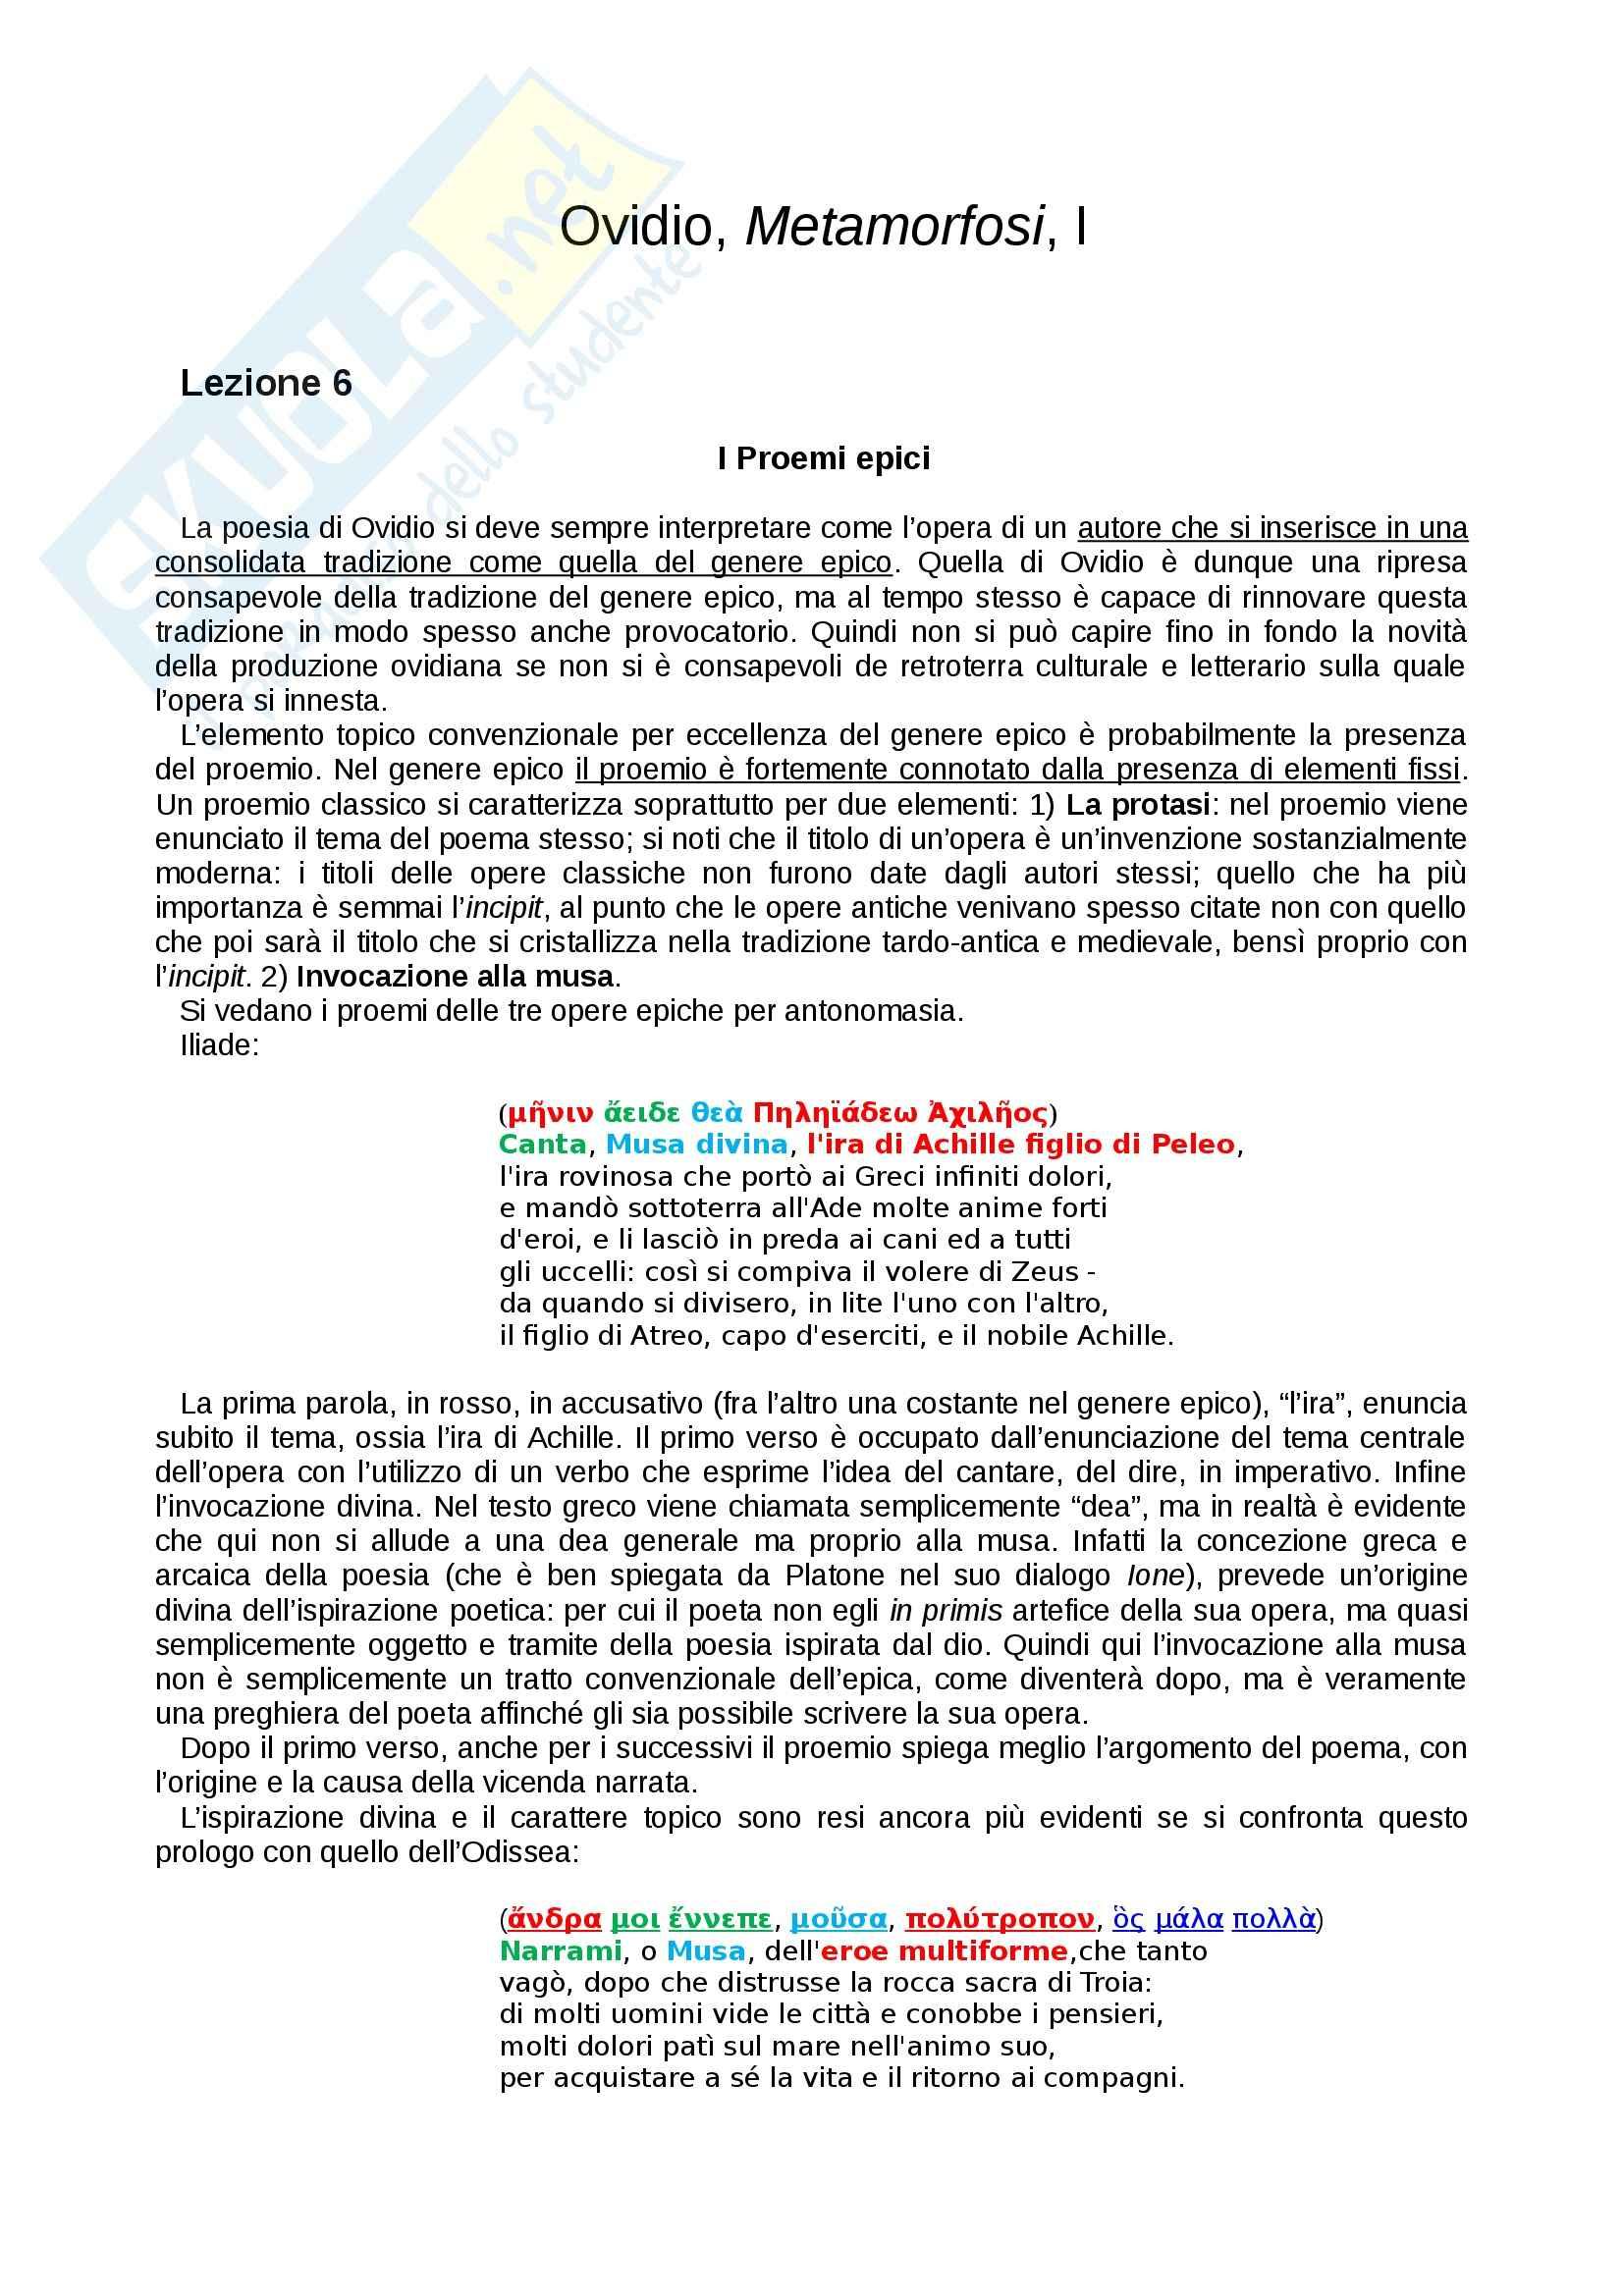 Le «Metamorfosi» di Ovidio tradotte e commentate, Libro I